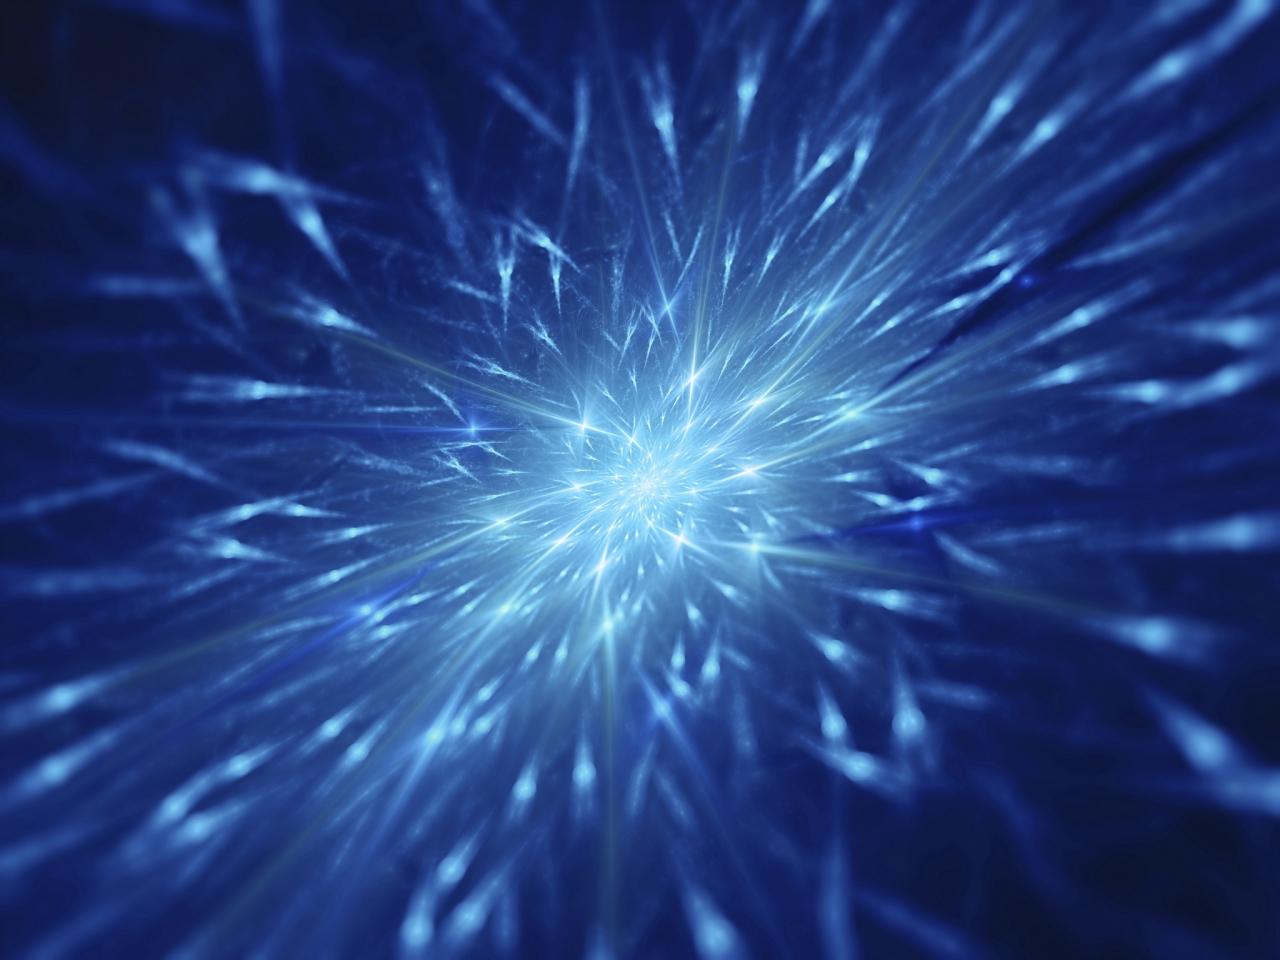 Nadobudni fiziki z idejo o vesoljskem fotonskem torpedu